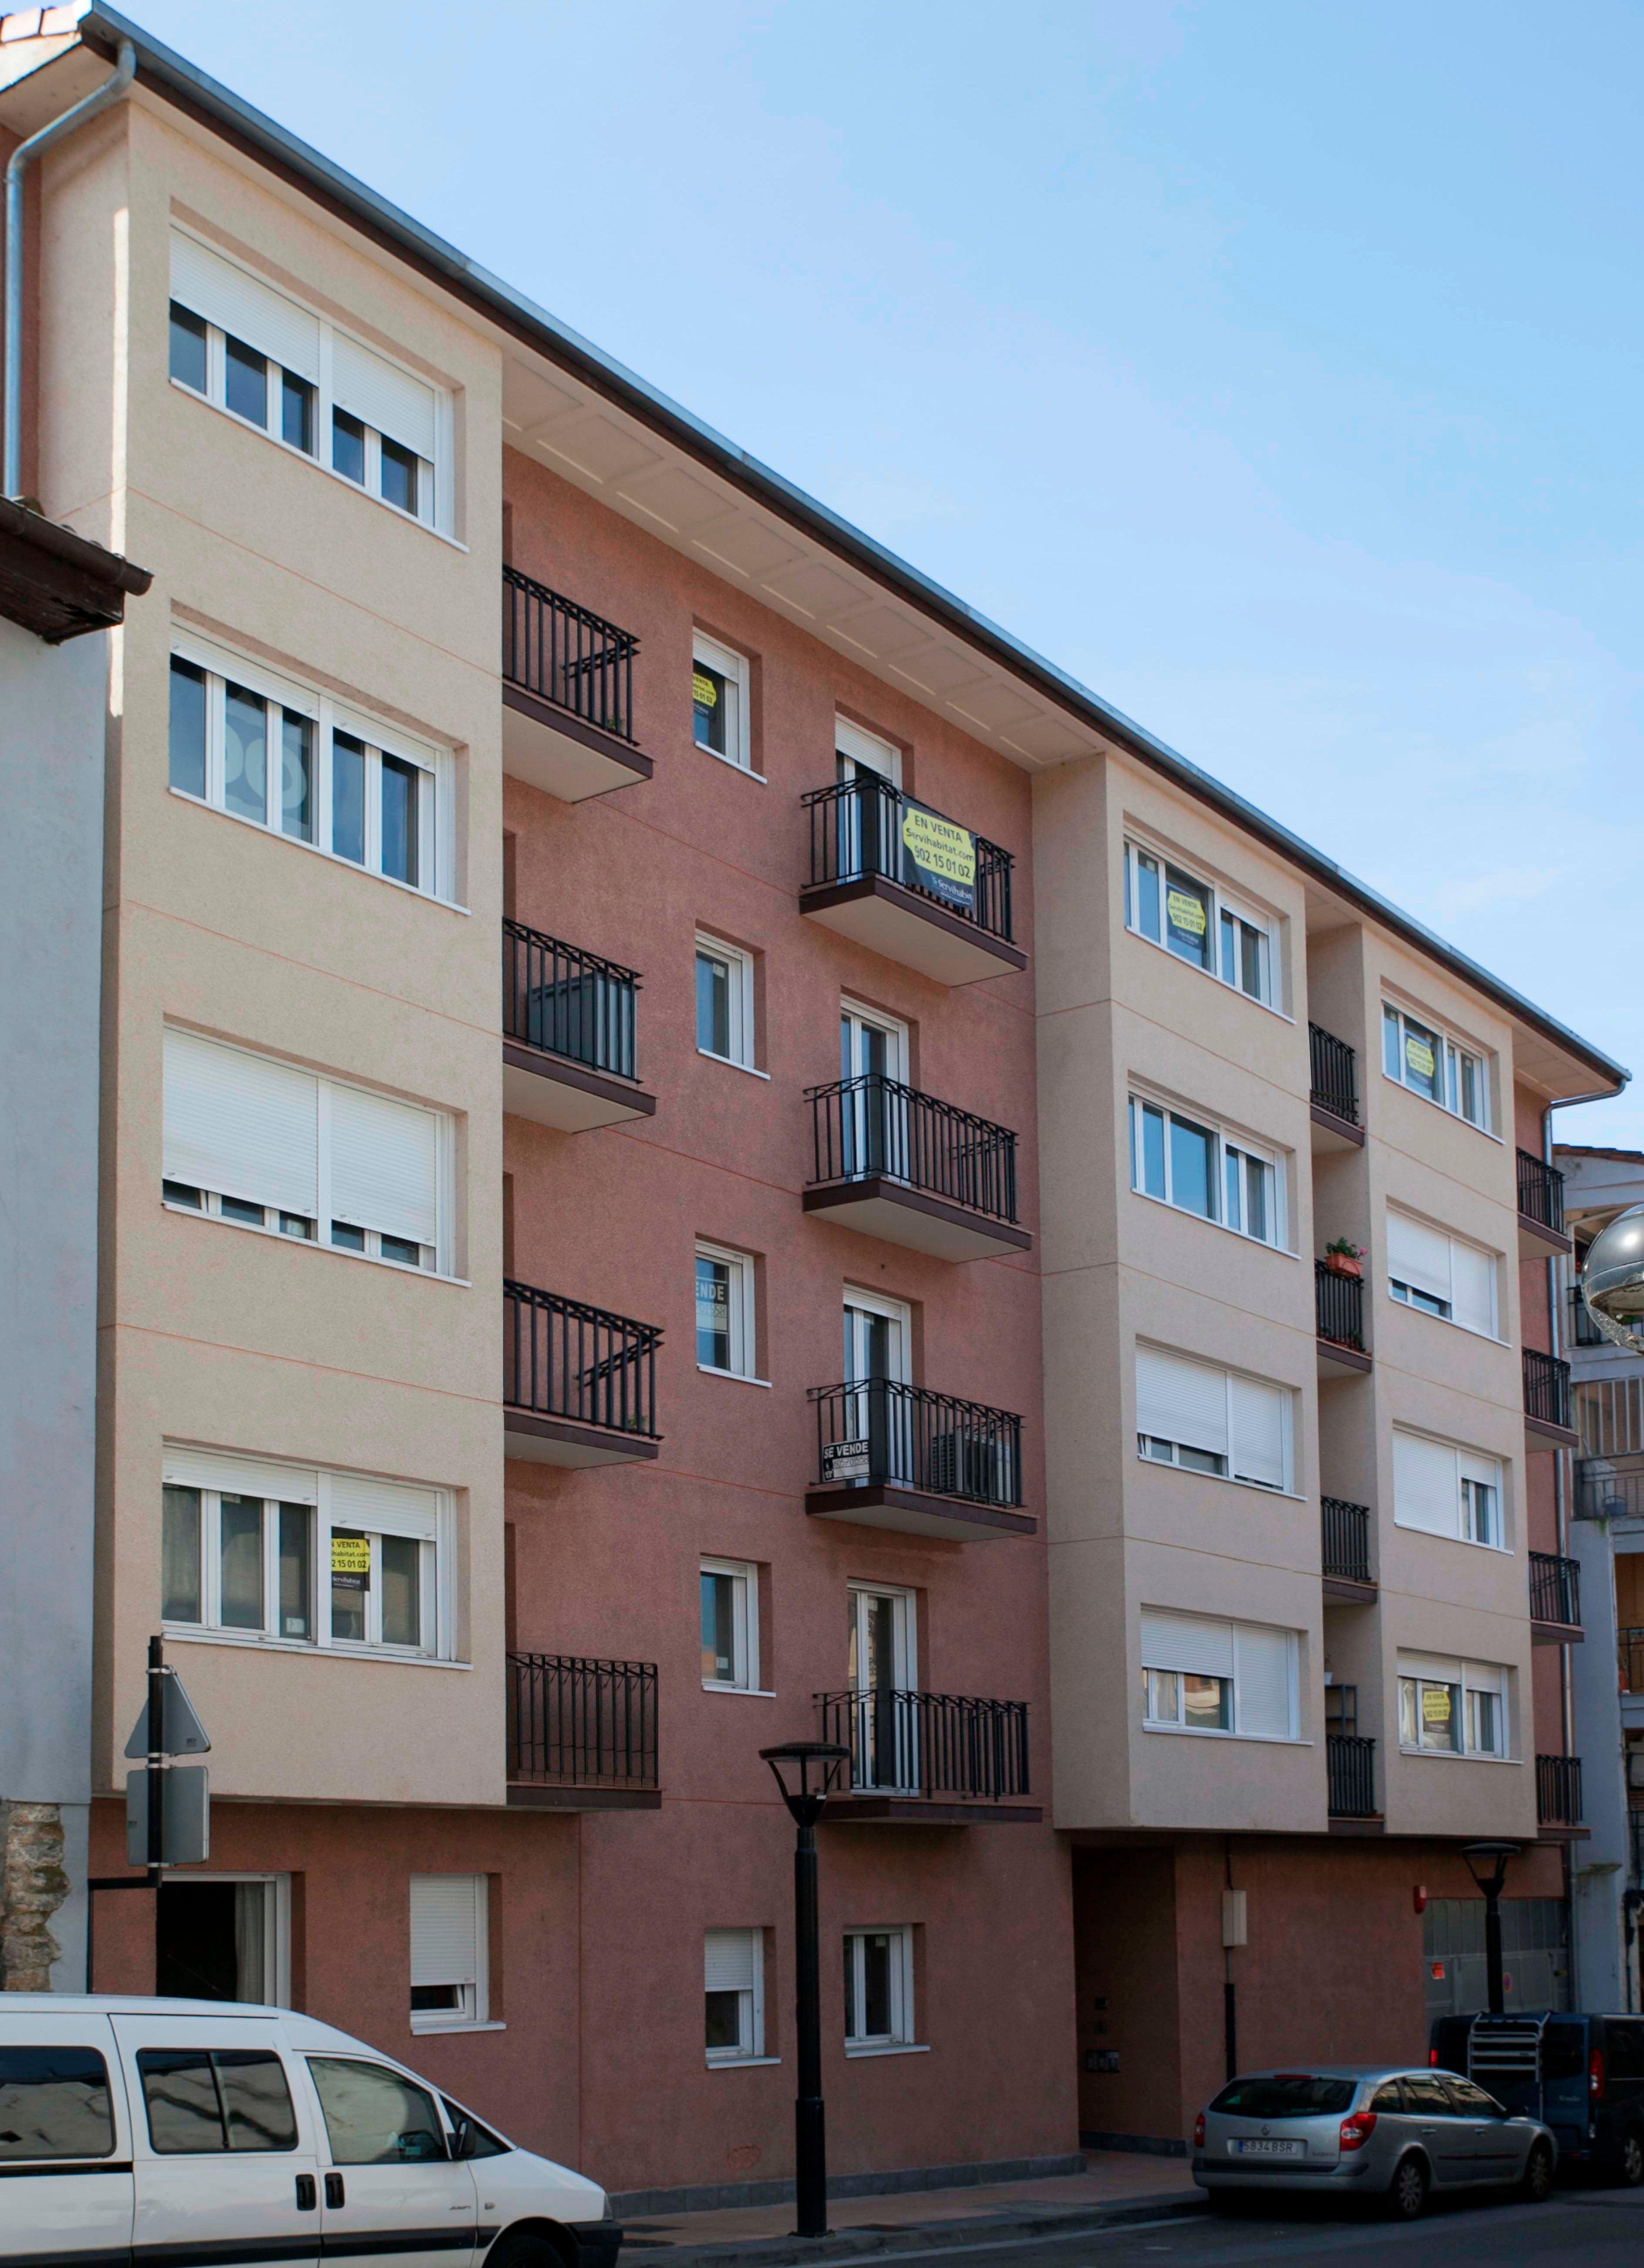 Piso en venta en Bergara, Guipúzcoa, Calle Zubiaurre, 99.800 €, 2 habitaciones, 1 baño, 63 m2